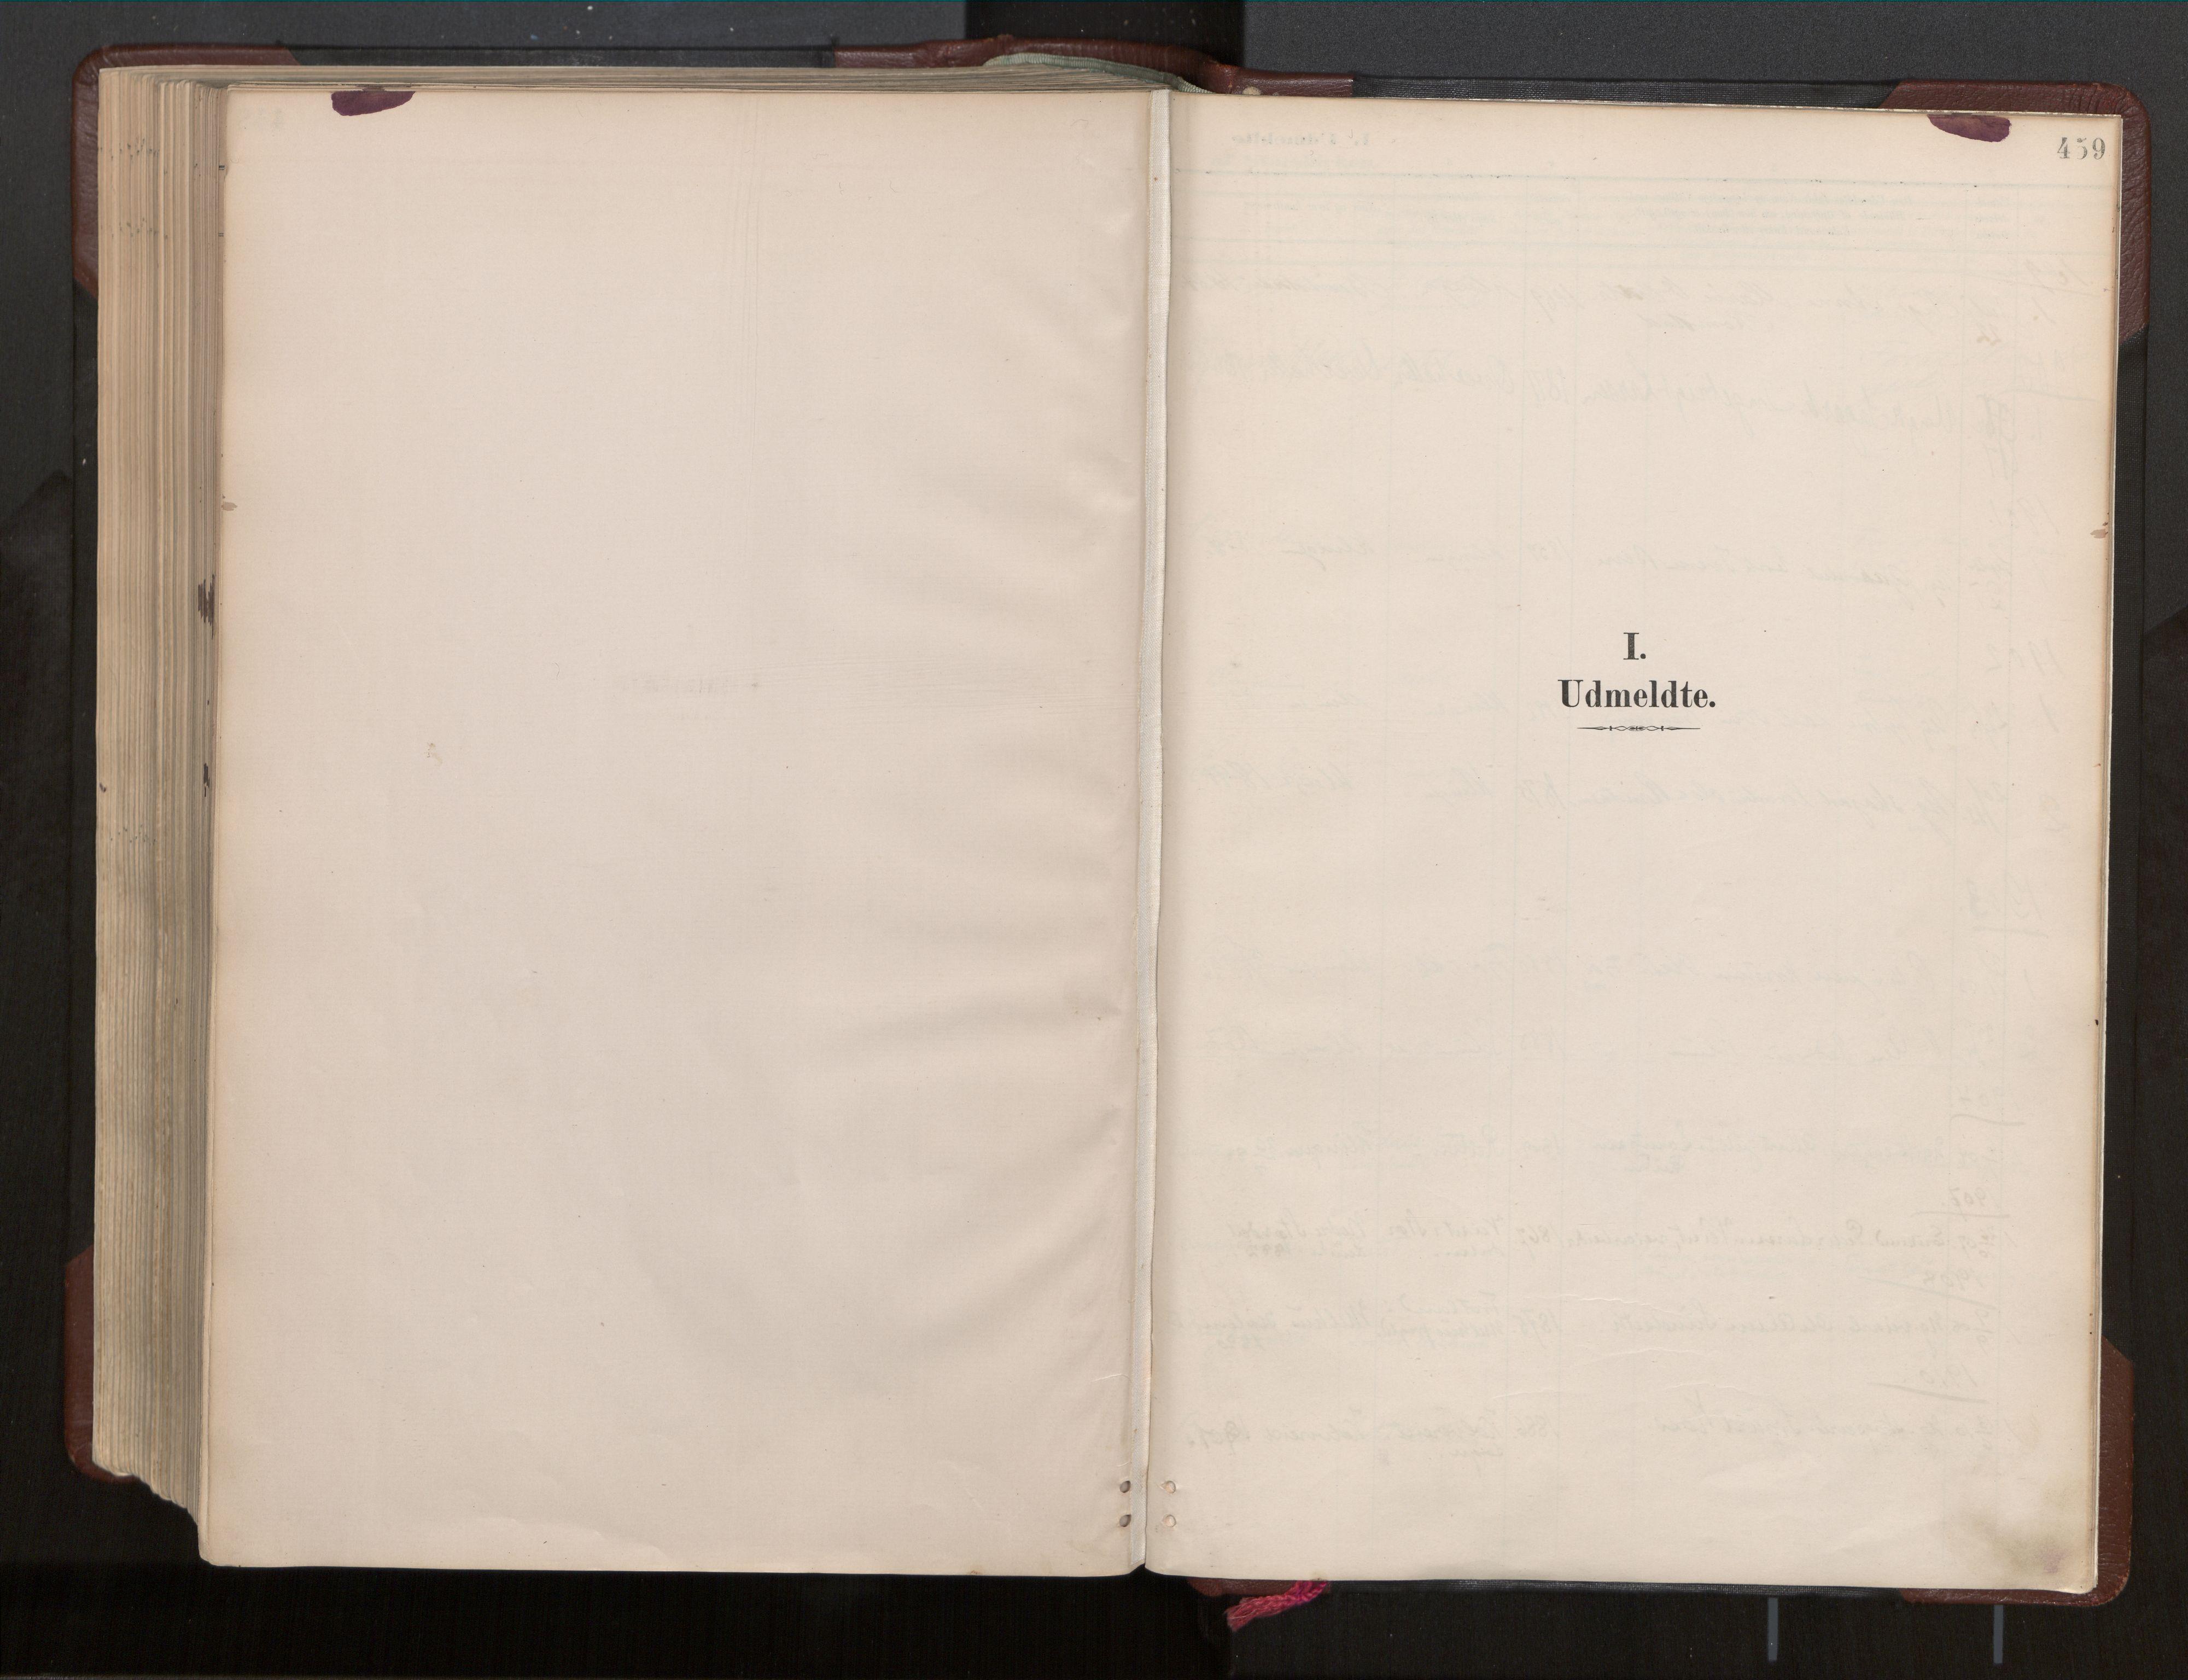 SAT, Ministerialprotokoller, klokkerbøker og fødselsregistre - Nord-Trøndelag, 770/L0589: Ministerialbok nr. 770A03, 1887-1929, s. 459